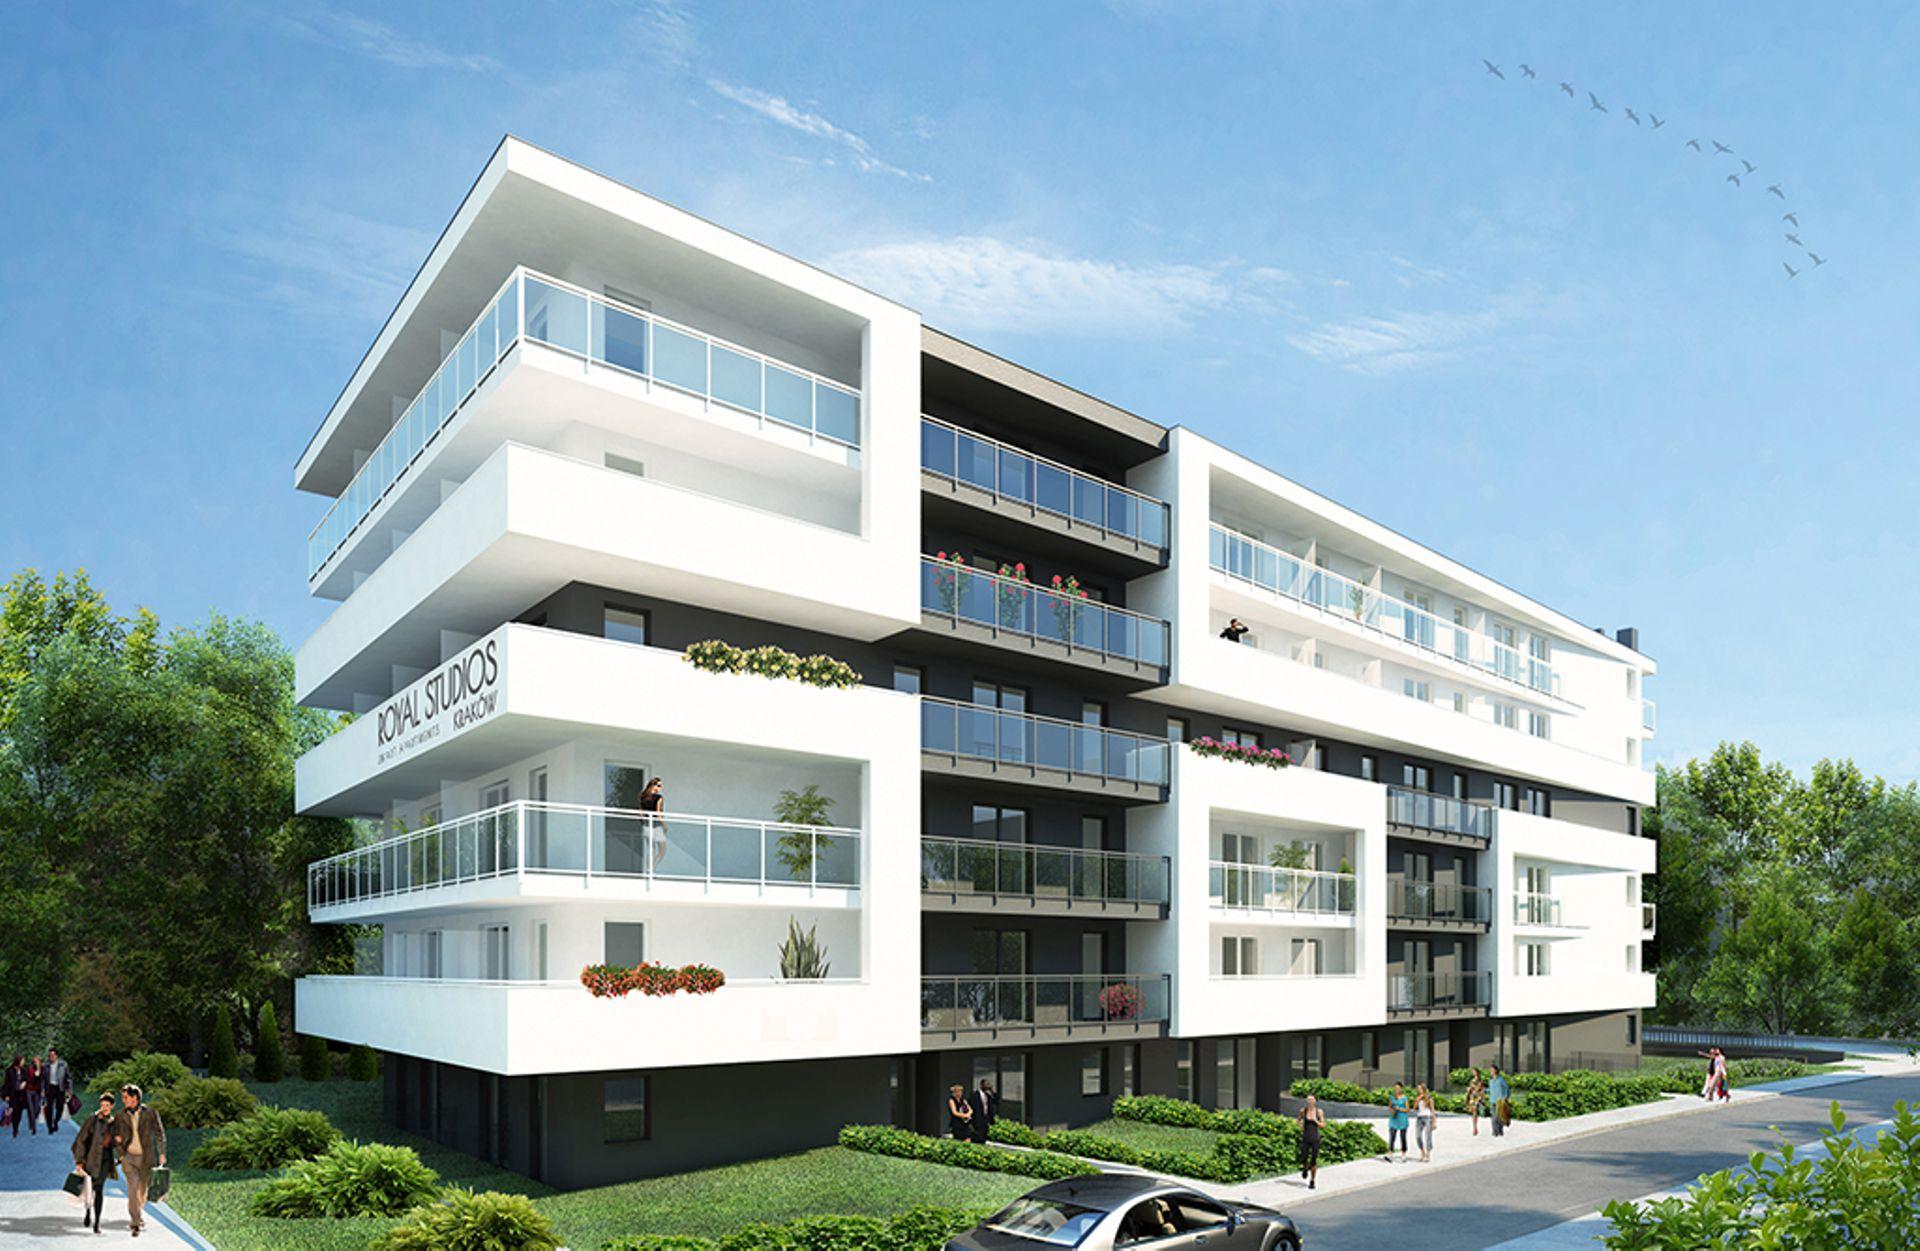 Kraków: Royal Studios Smart Apartments – w sąsiedztwie Uniwersytetu Rolniczego powstają mikroapartamenty